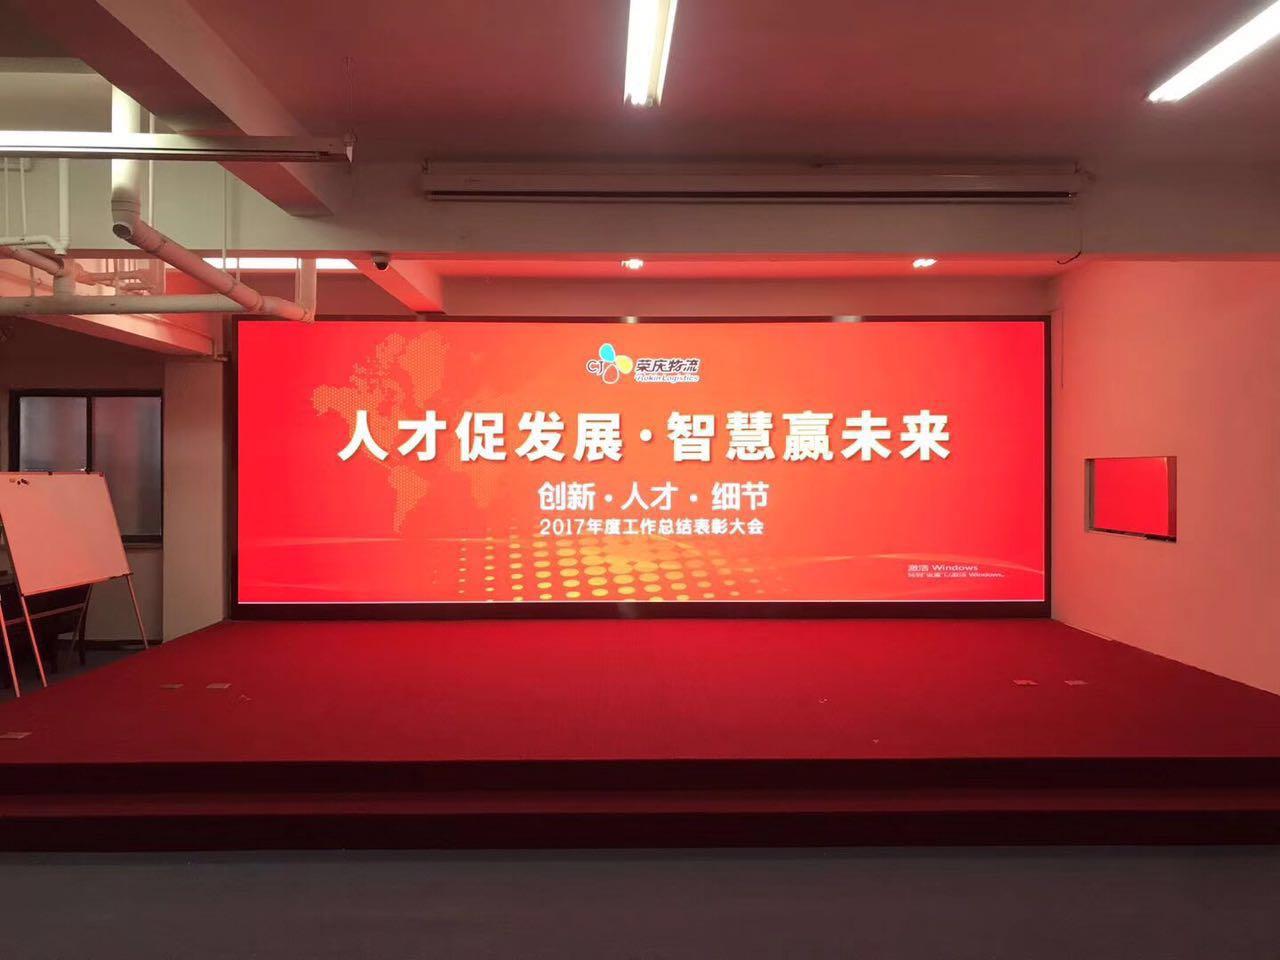 長寧區知名LED大屏幕在線咨詢,LED大屏幕